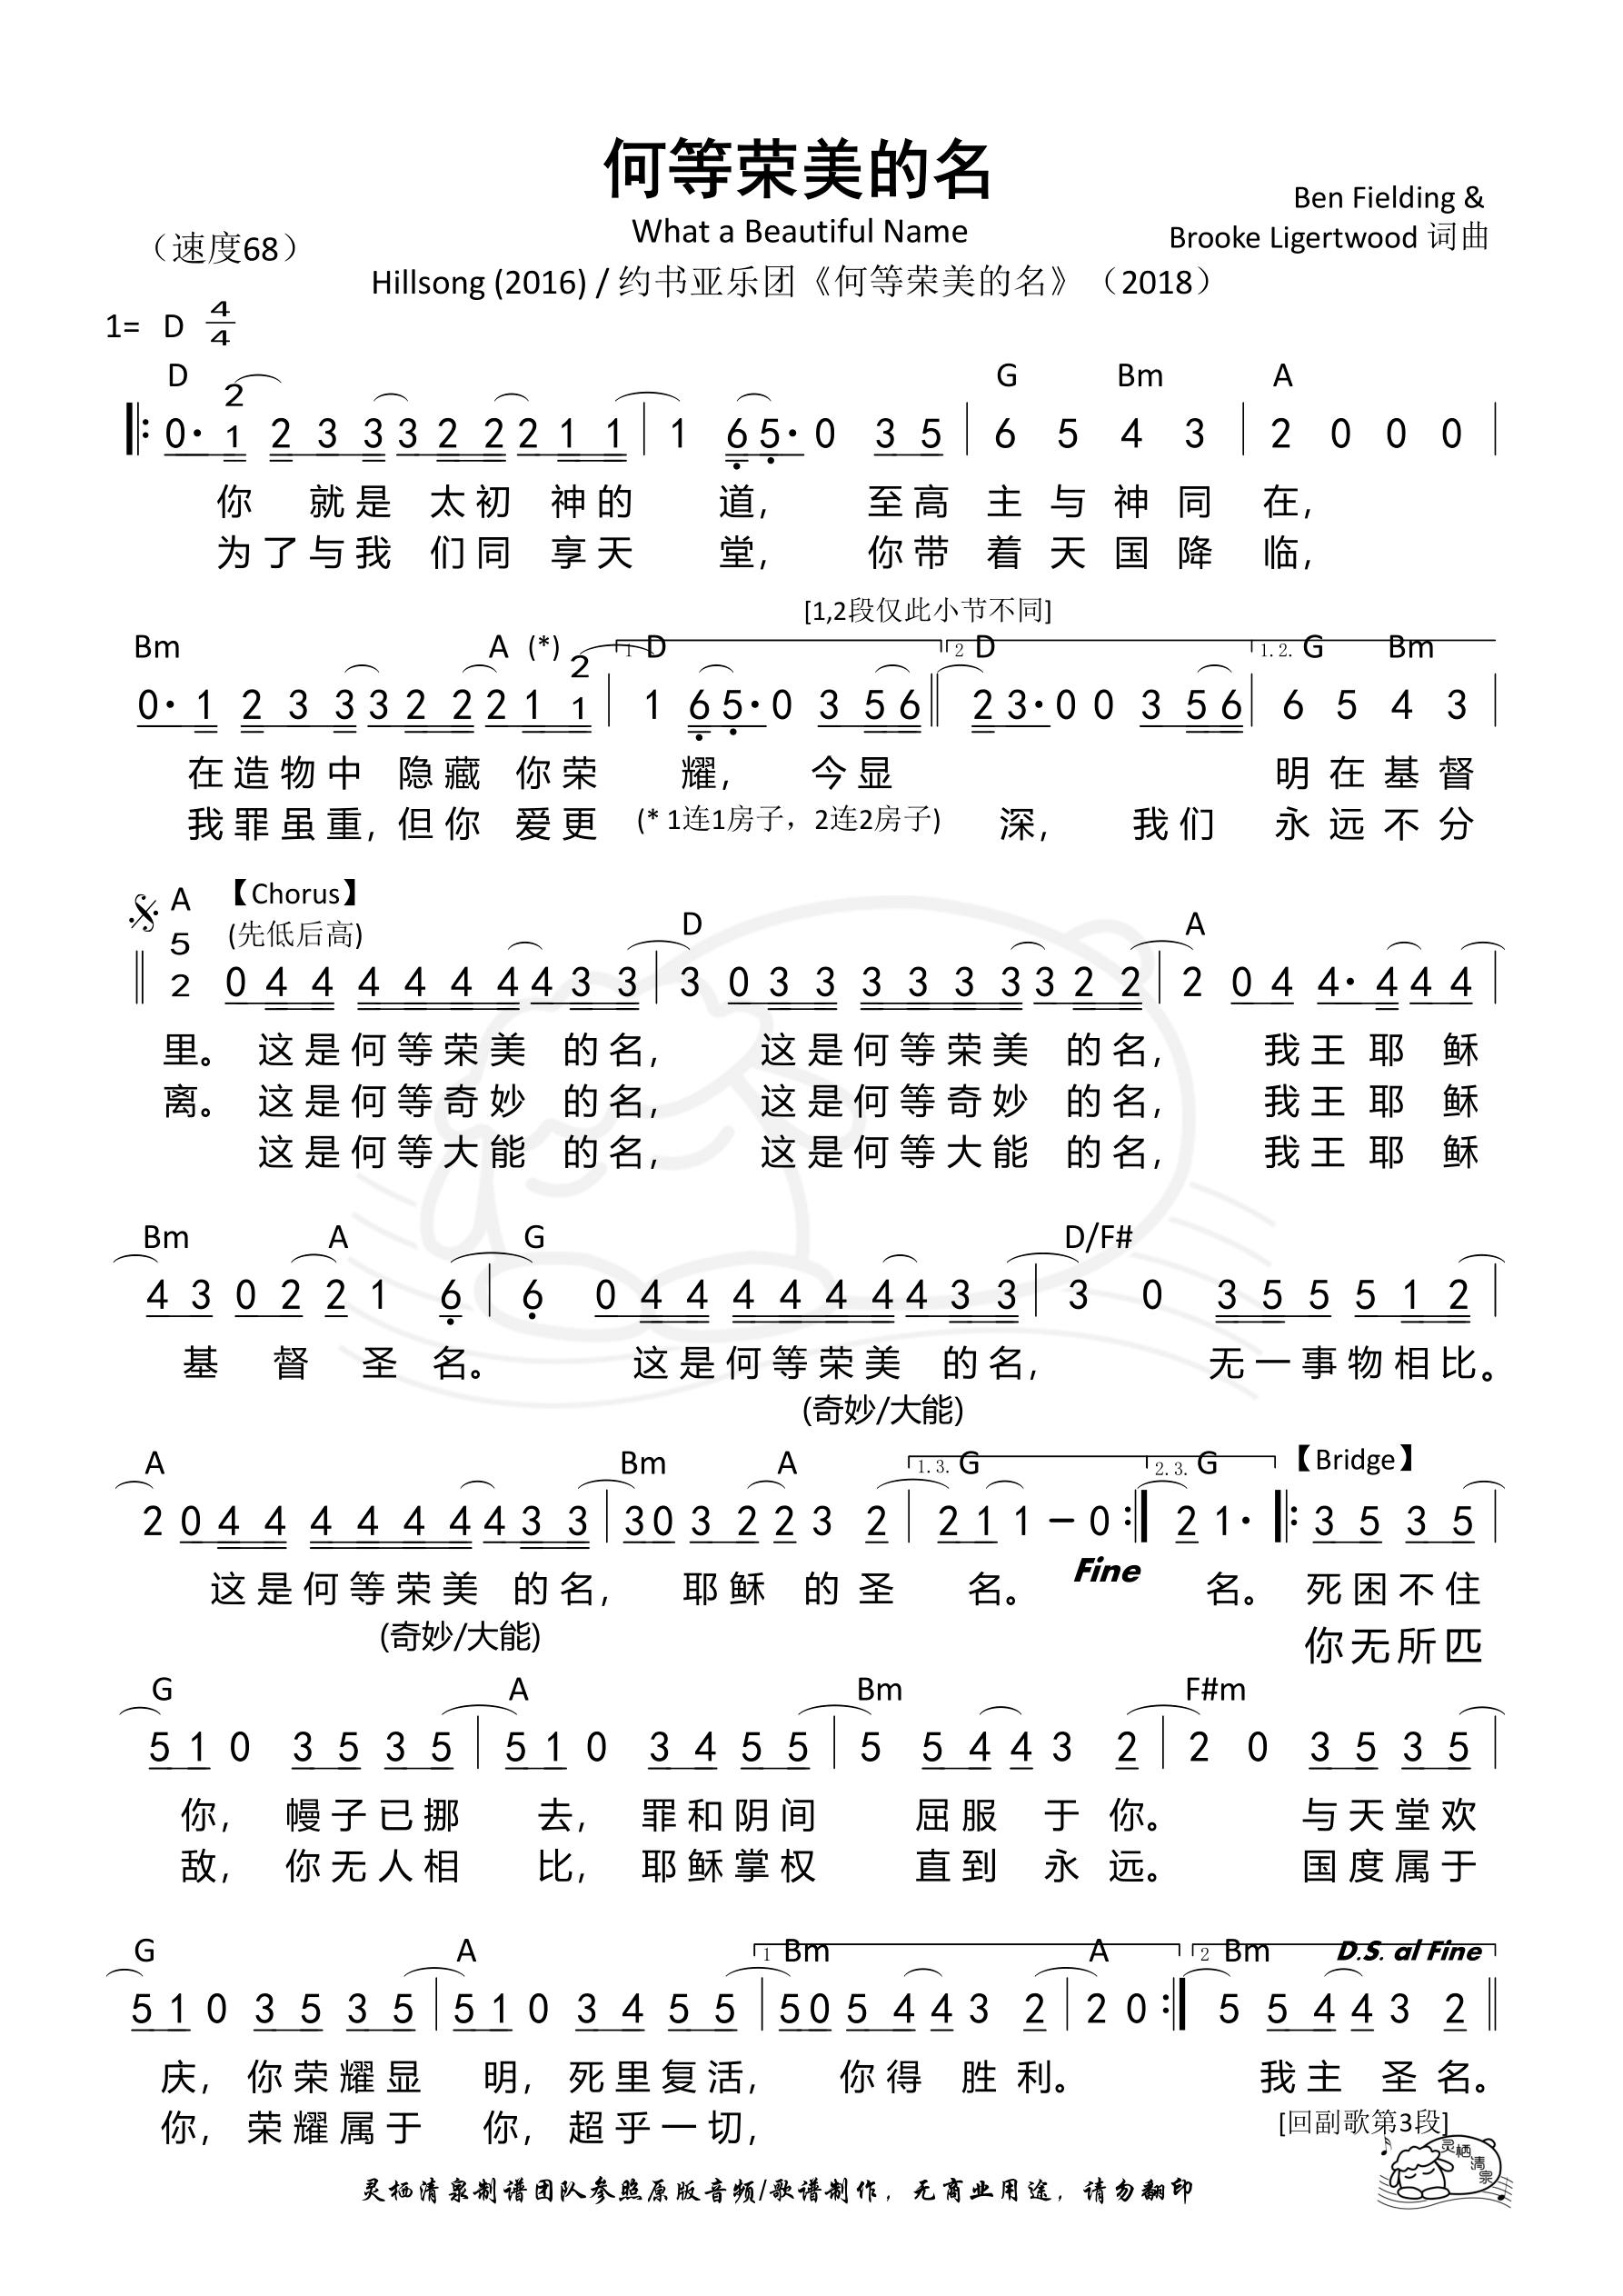 《第165首 - 何等荣美的名 和弦简谱》